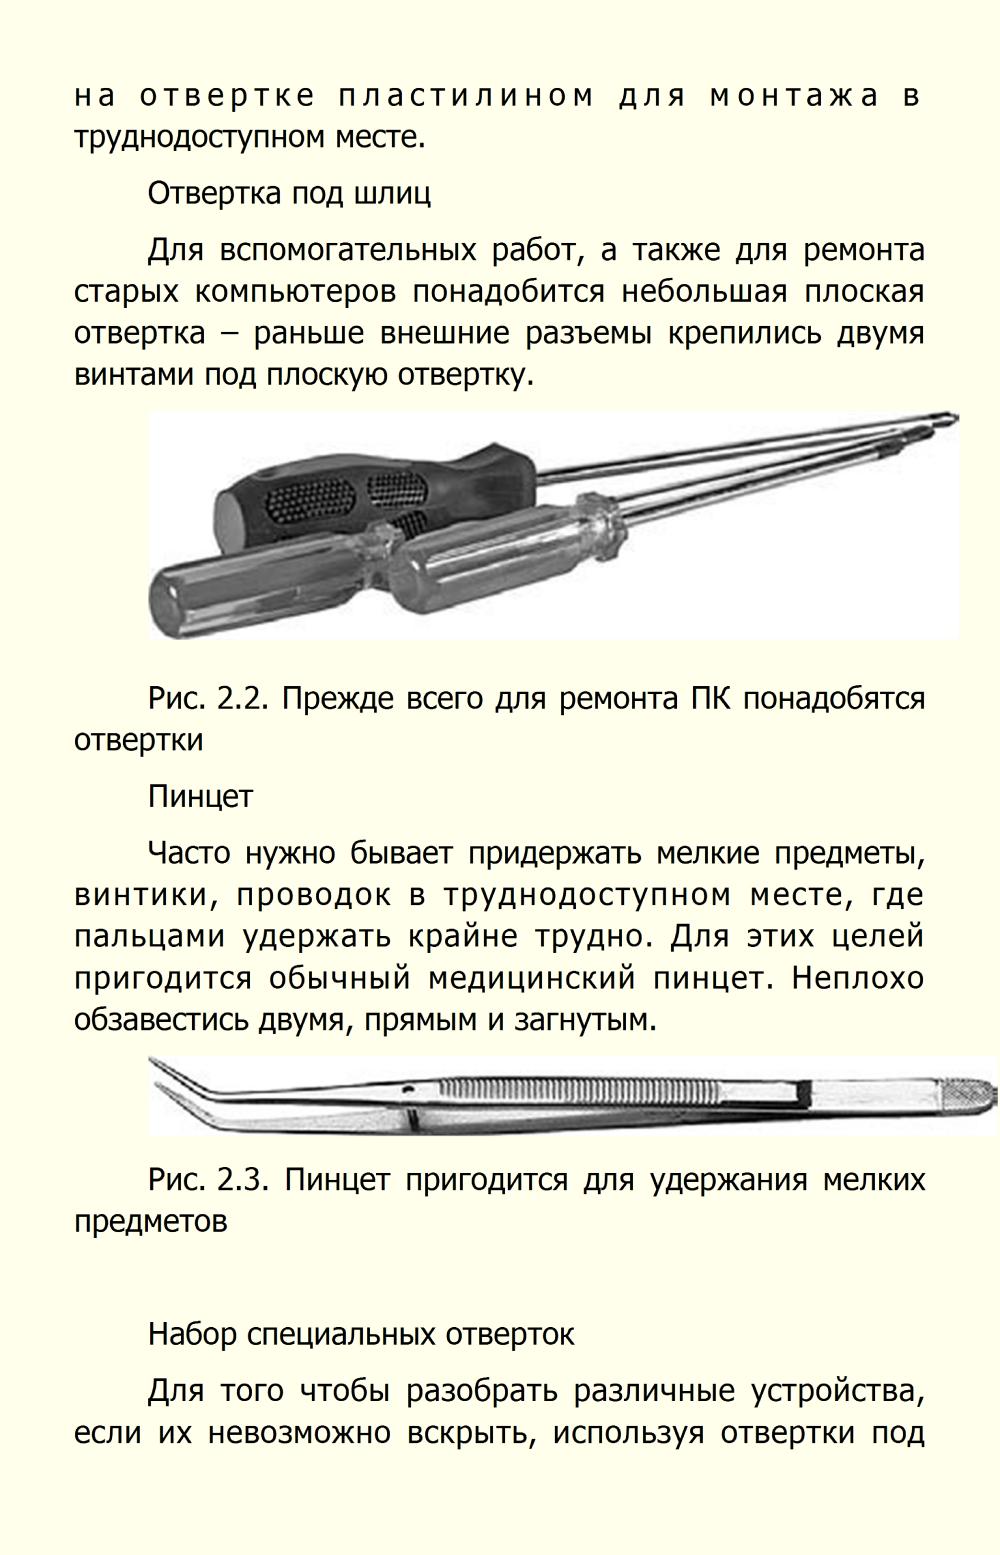 http://i1.imageban.ru/out/2013/10/22/91c4aff9e8cae6e3be328a5fad091e5d.jpg